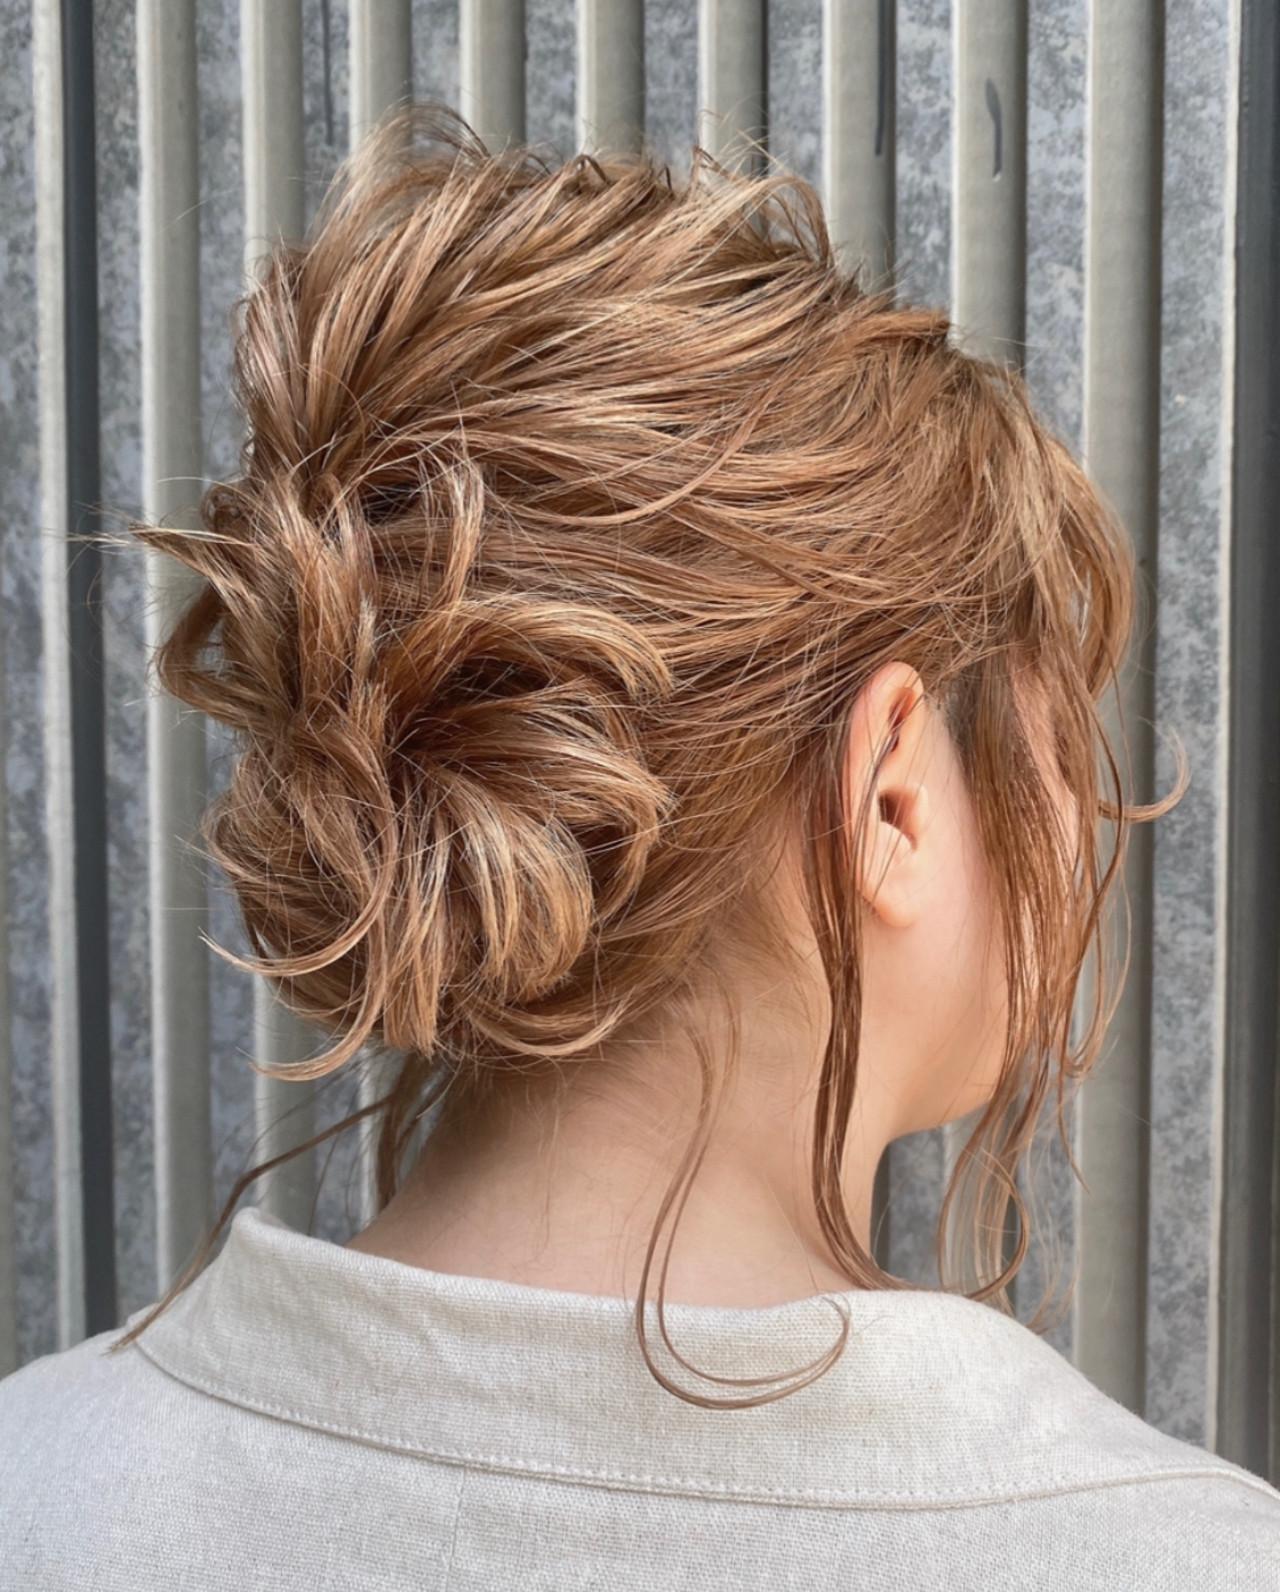 簡単ヘアアレンジ デートヘア お出かけヘア ヘアアレンジ ヘアスタイルや髪型の写真・画像